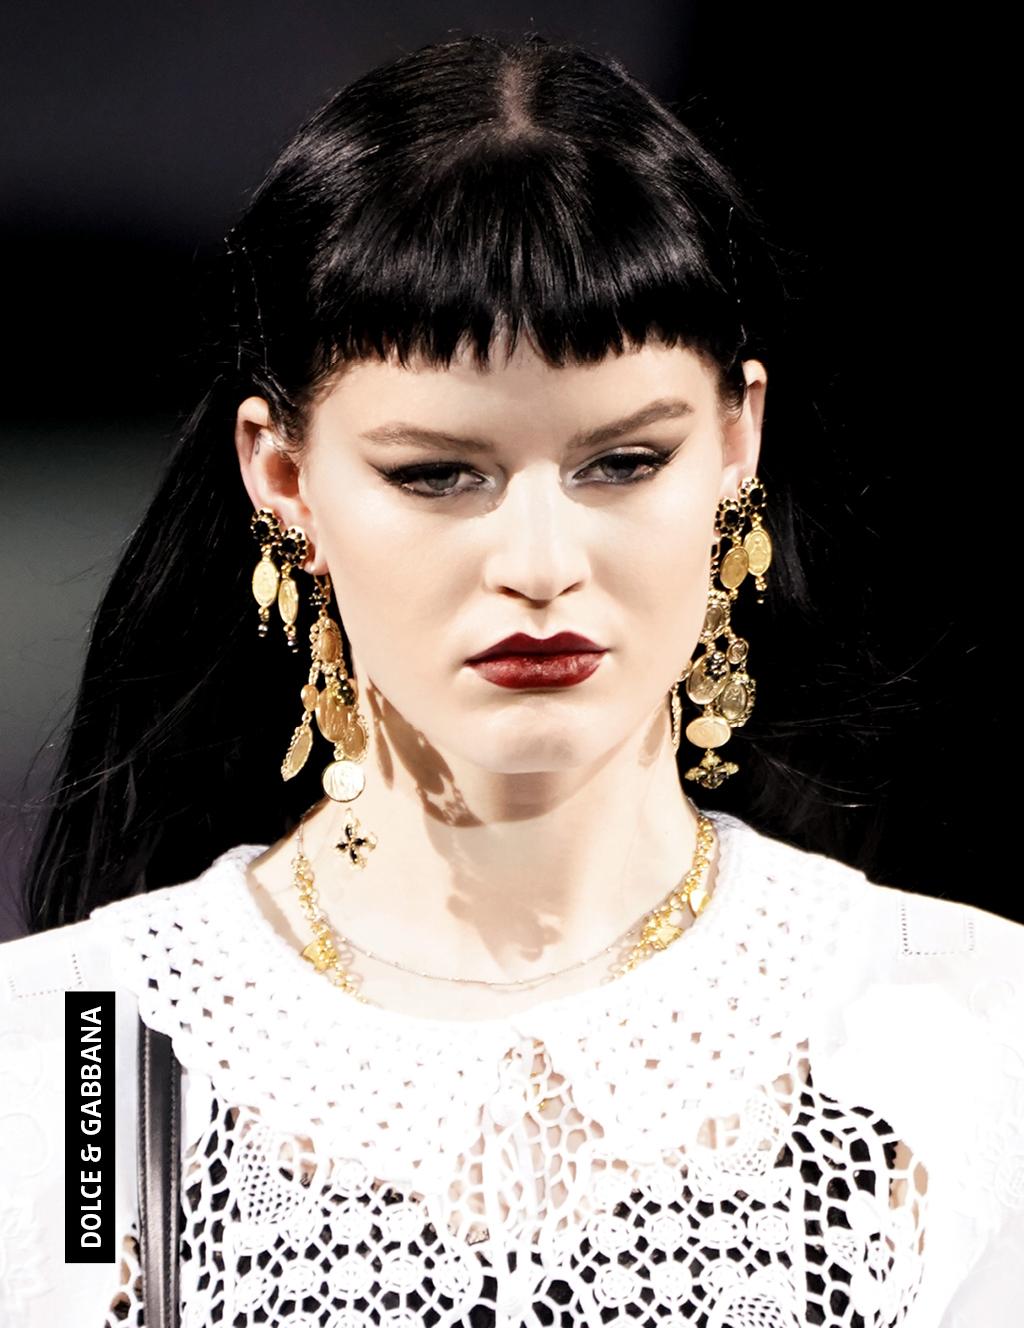 Dolce-n-Gabbana_bty_W_F20_MI_030_3356331